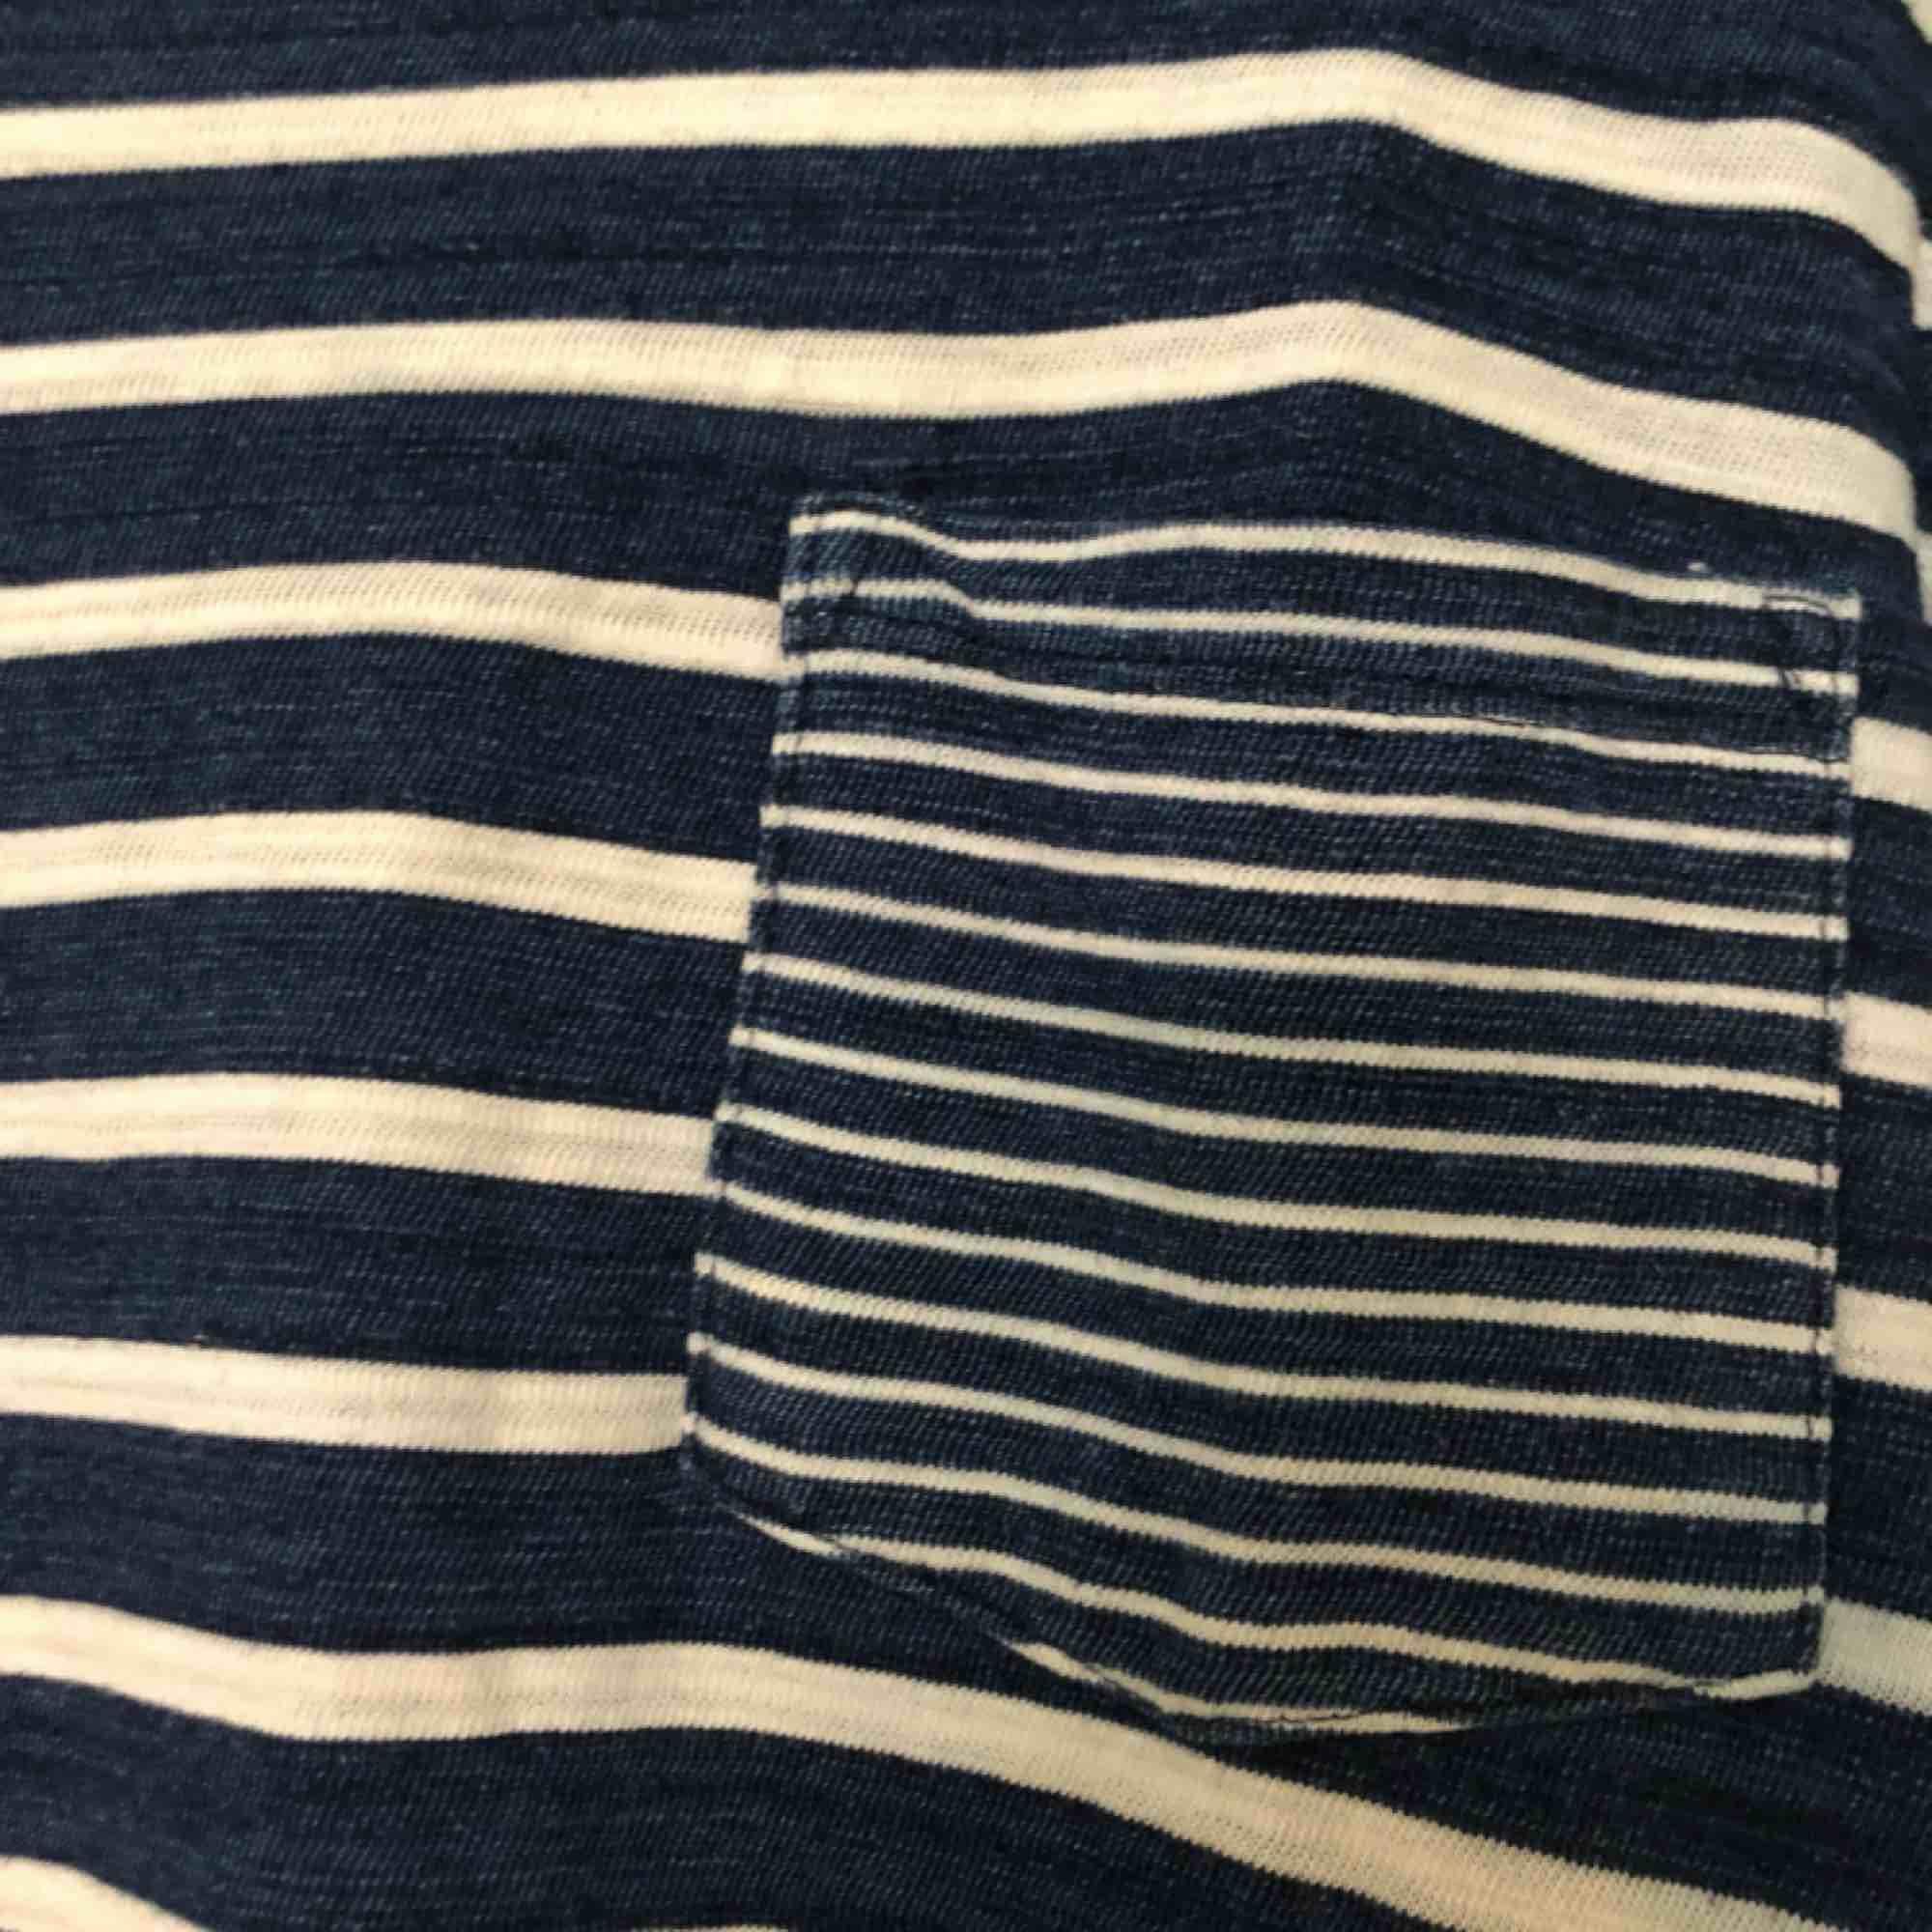 säljer en randig t-shirt från Levis då den bara ligger och dammar i garderoben. T-shirten är använd fåtal gånger och därför i mycket gott skick. T-shirten är i storlek S och köparen betalar för frakt. T-shirts.